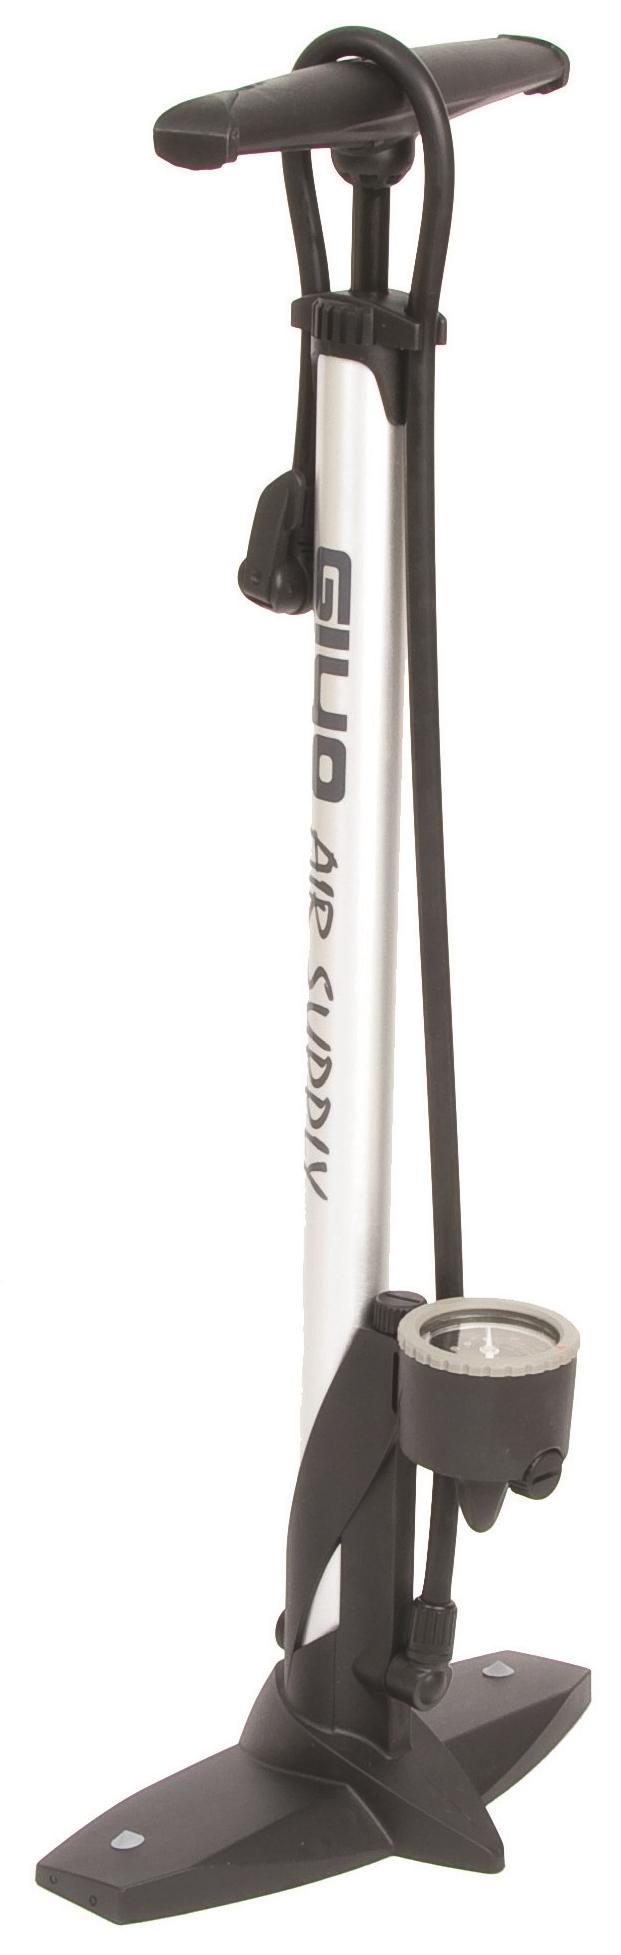 Image of   Alm. pumpe til kørestolsdæk med manometer